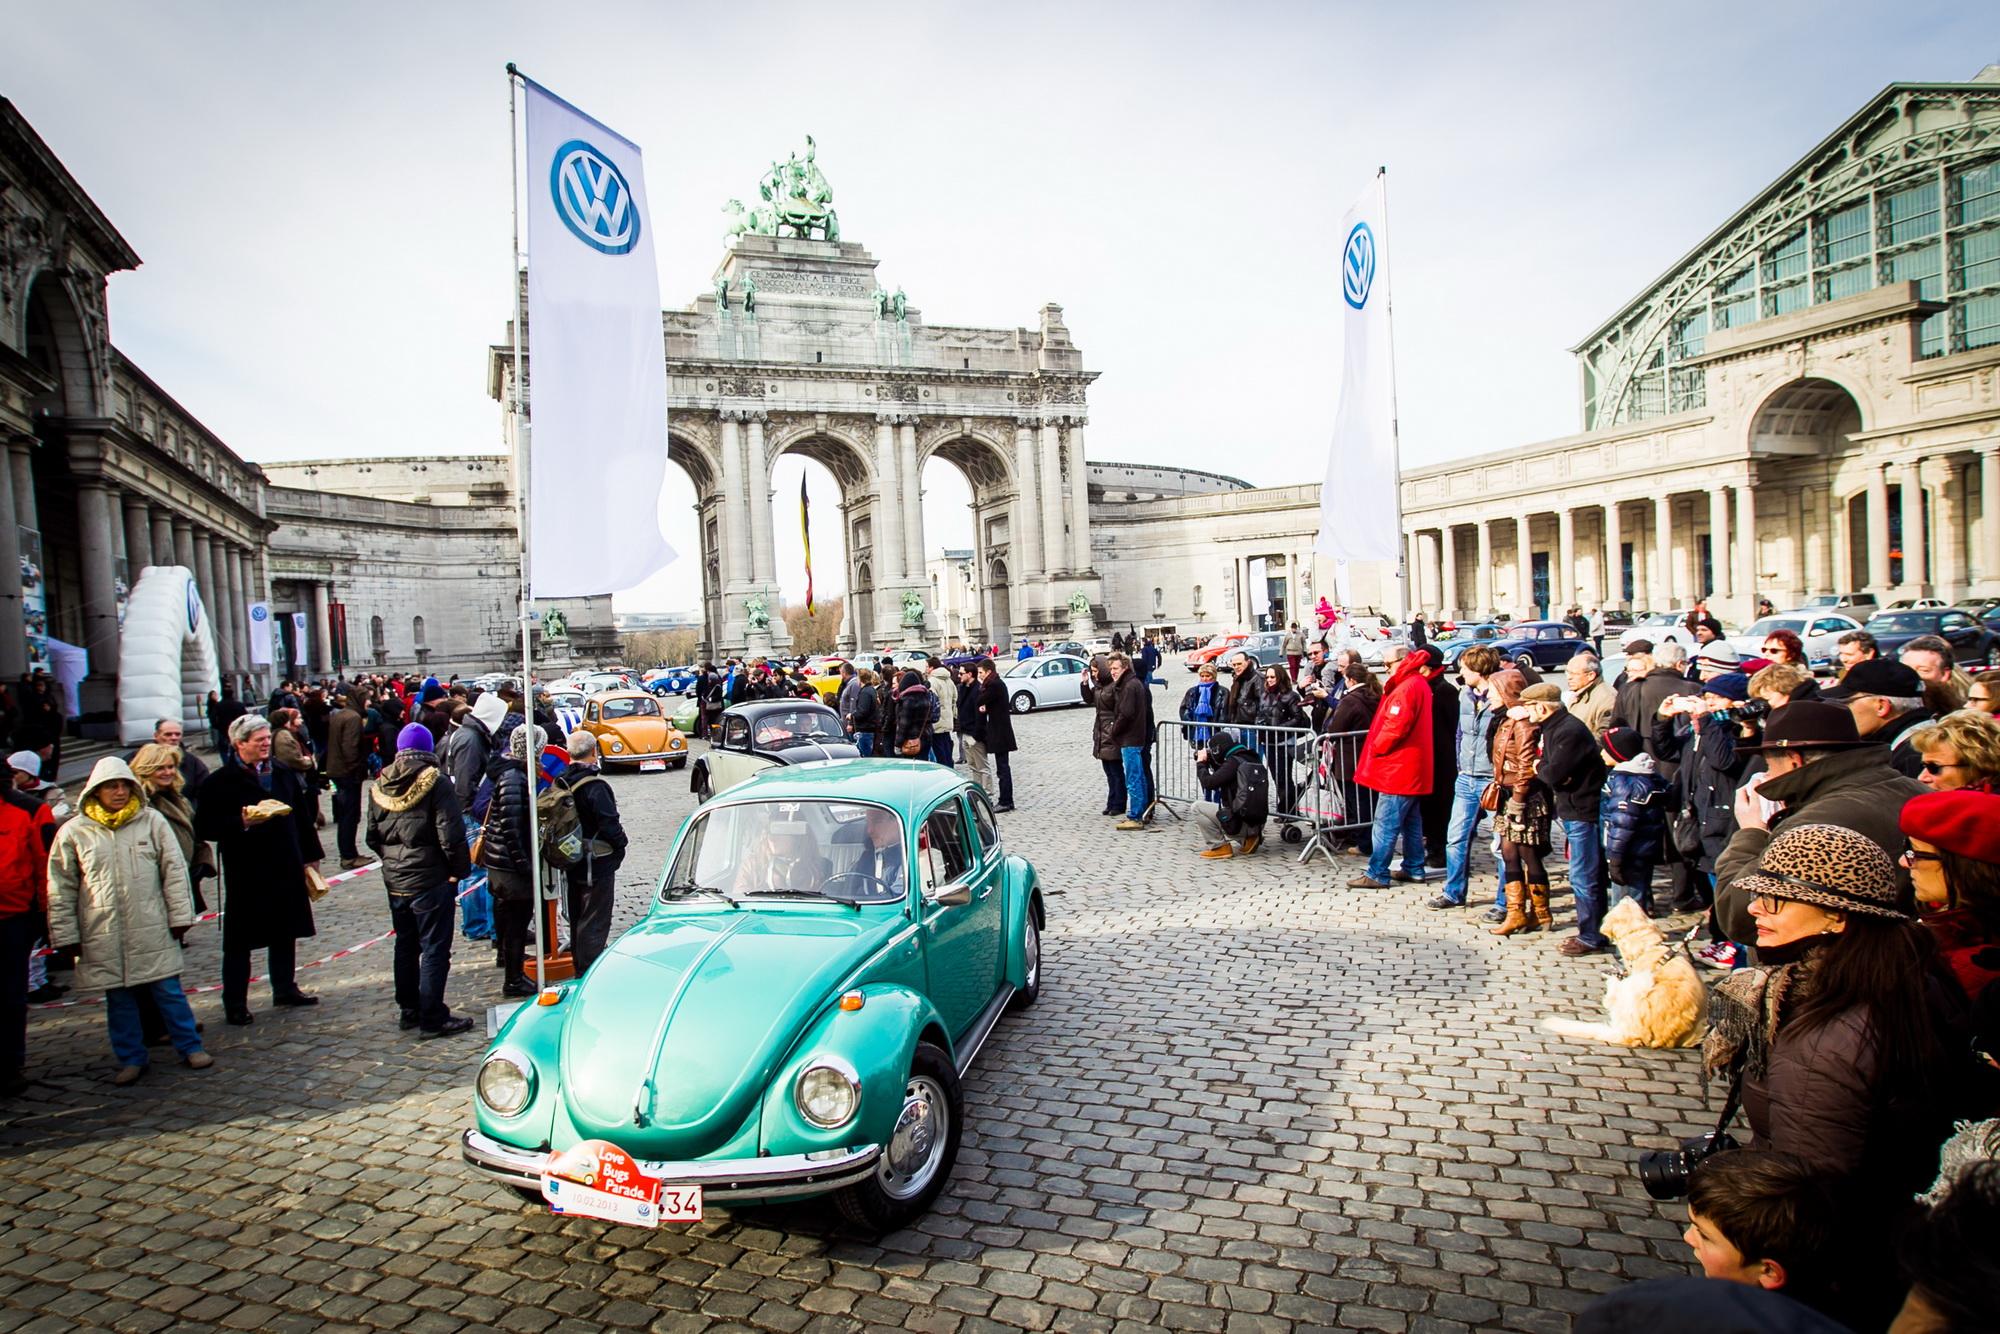 Volkswagen uplašen od evroskeptika pred parlamentarne izbore u EU